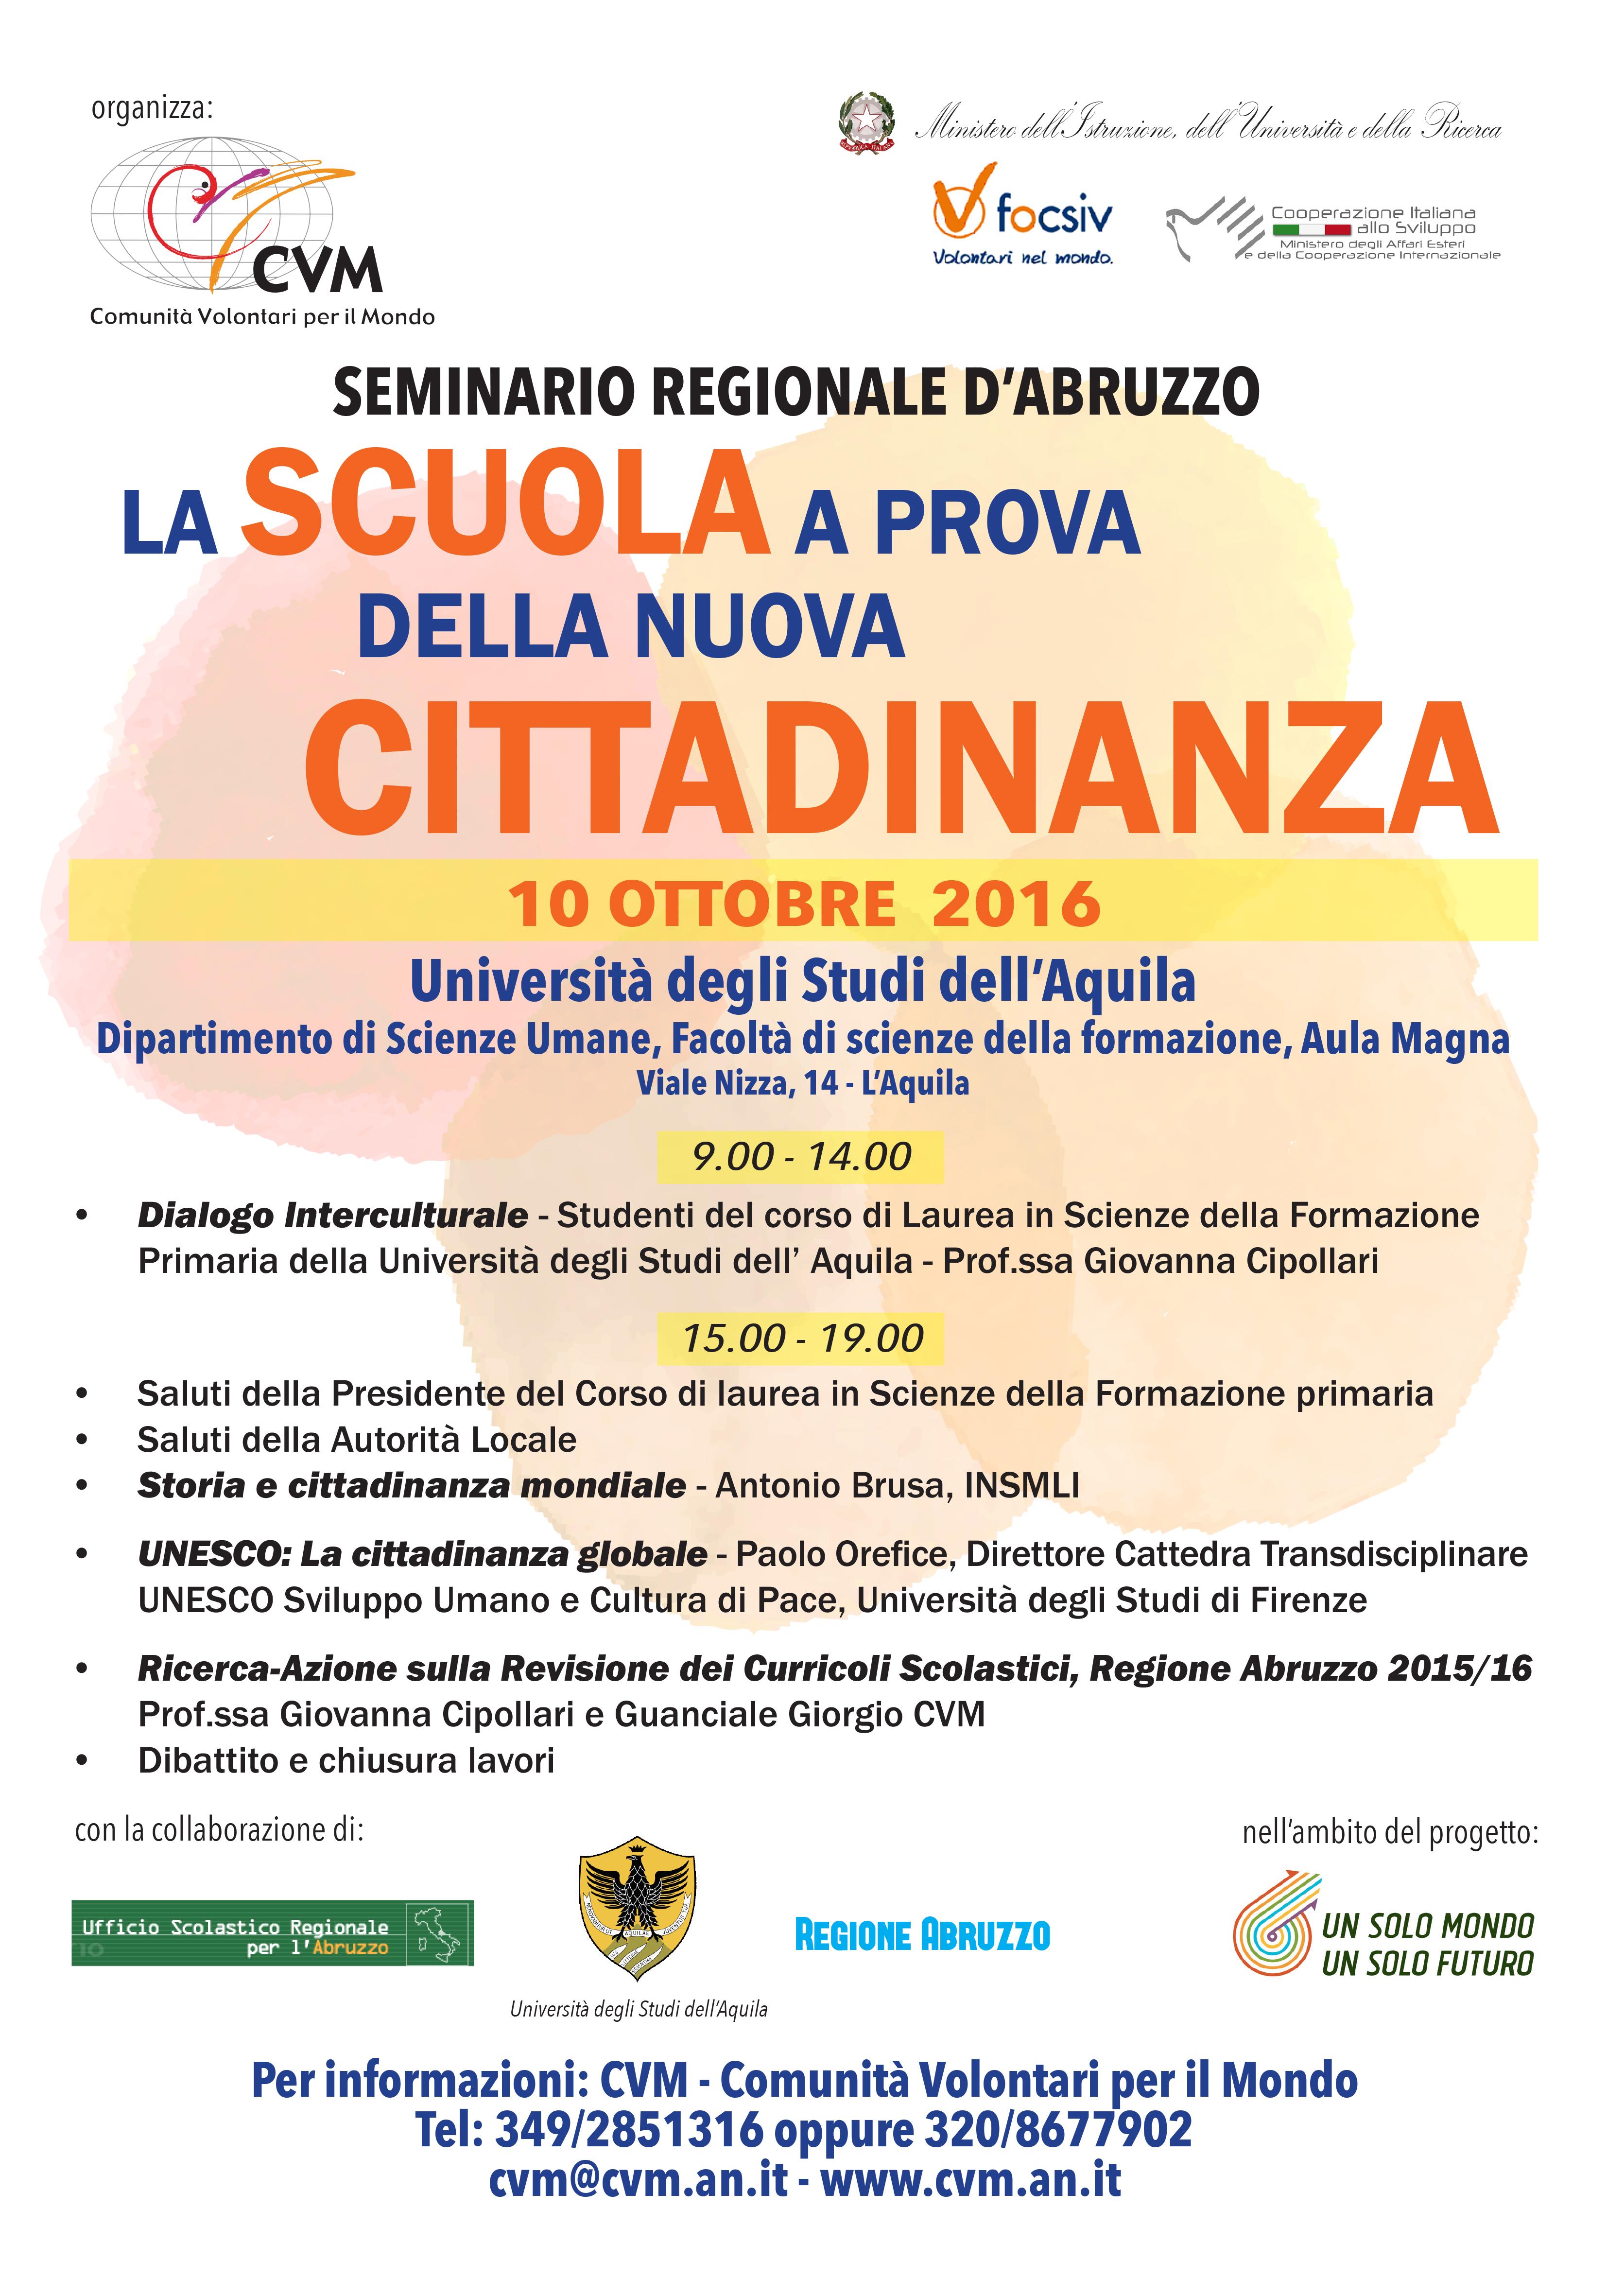 Partecipa al Seminario Regionale D'Abruzzo il 10 ottobre